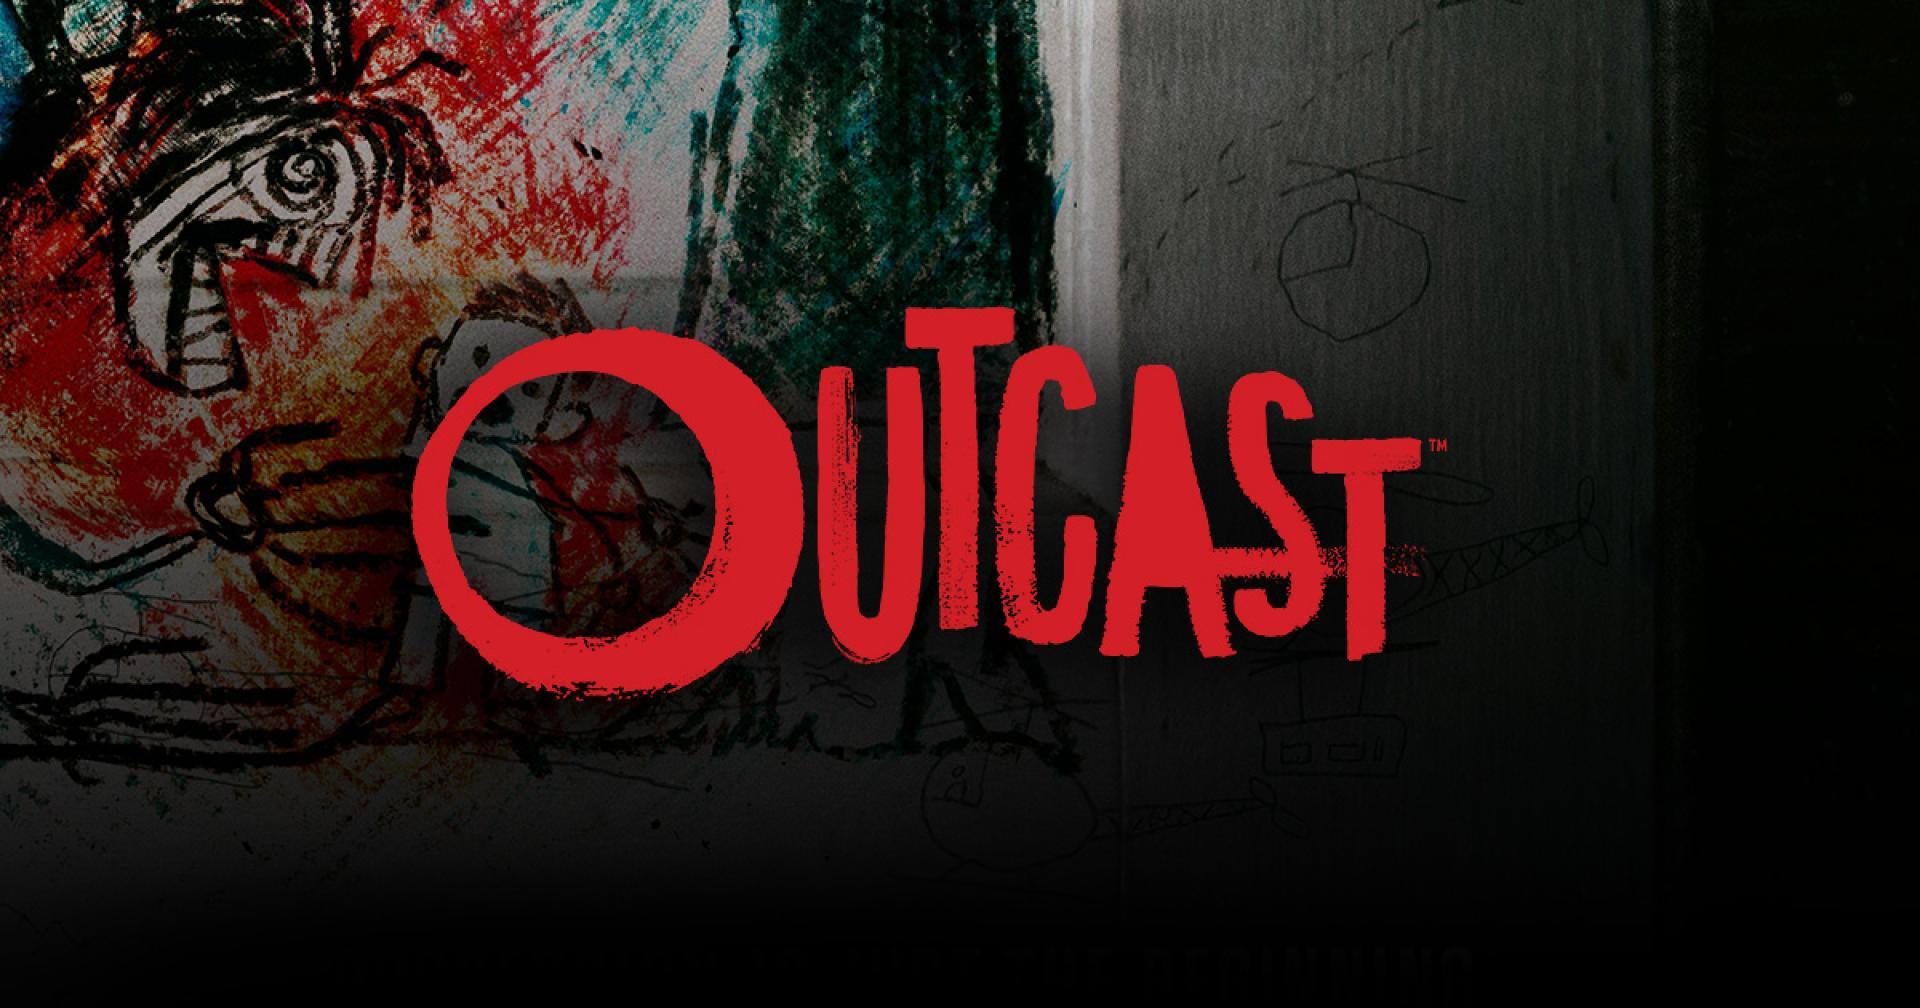 Outcast 1x06